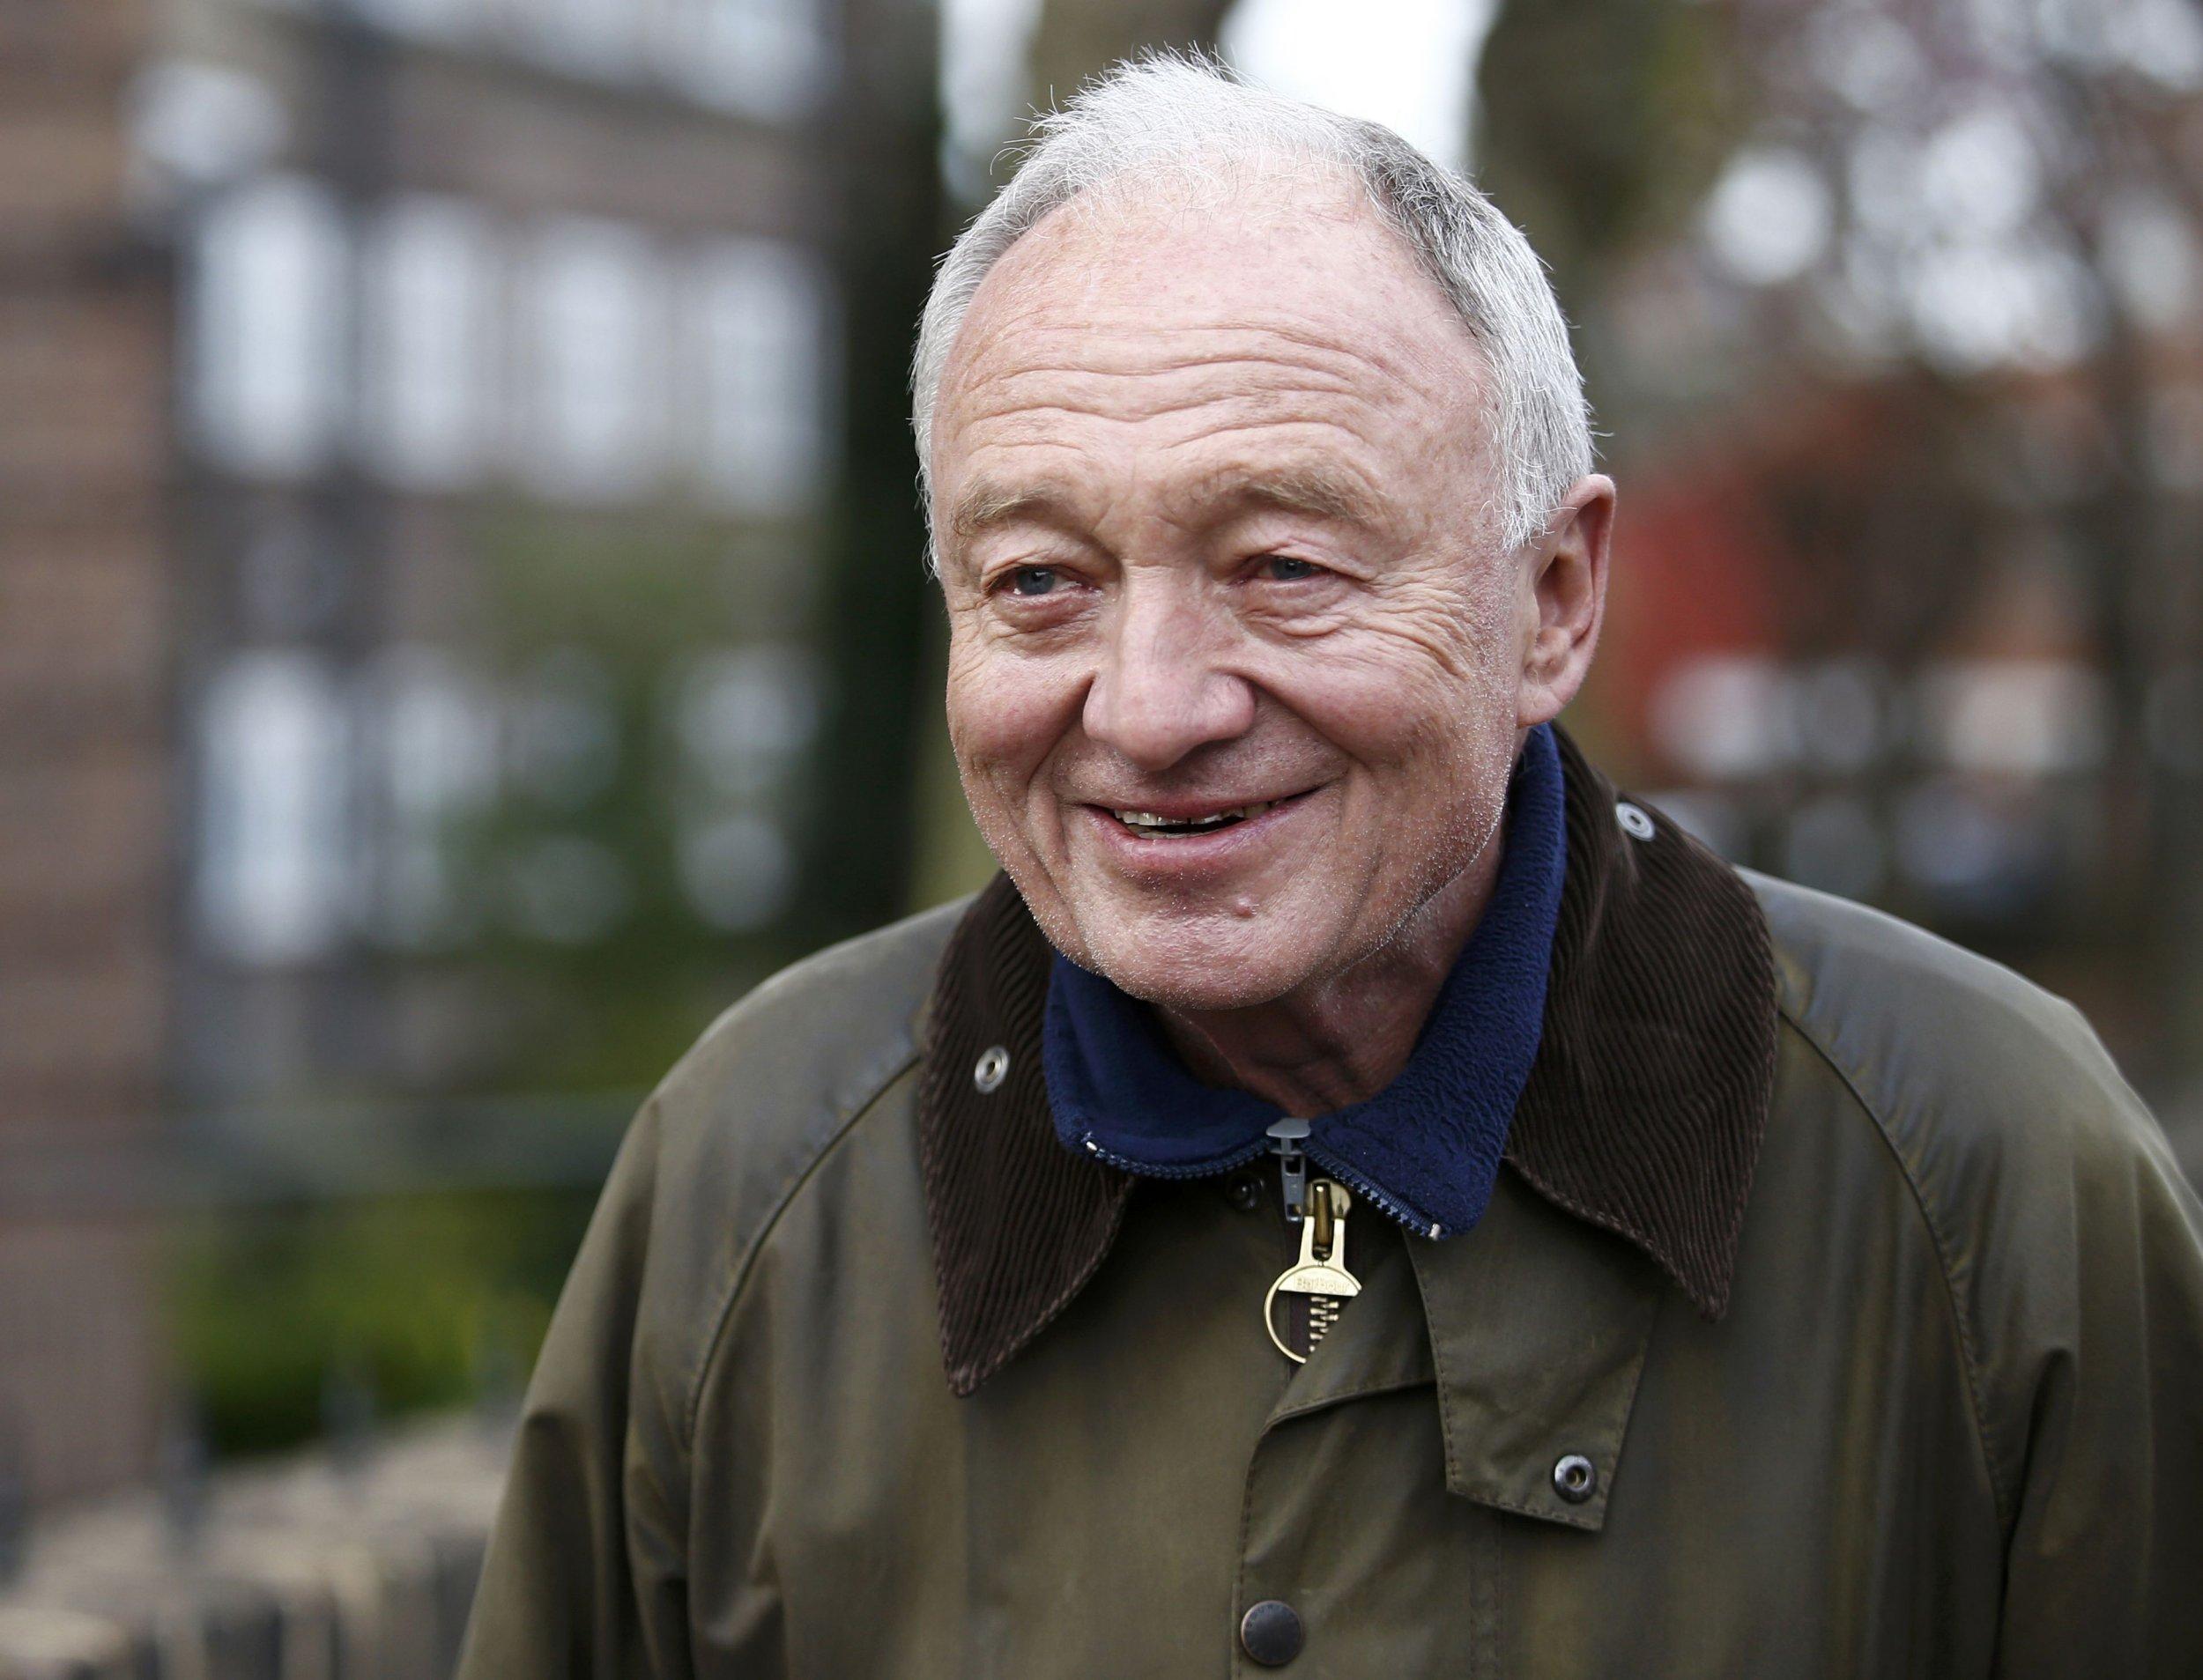 Ken Livingstone STILL refuses to apologise for Hitler comments